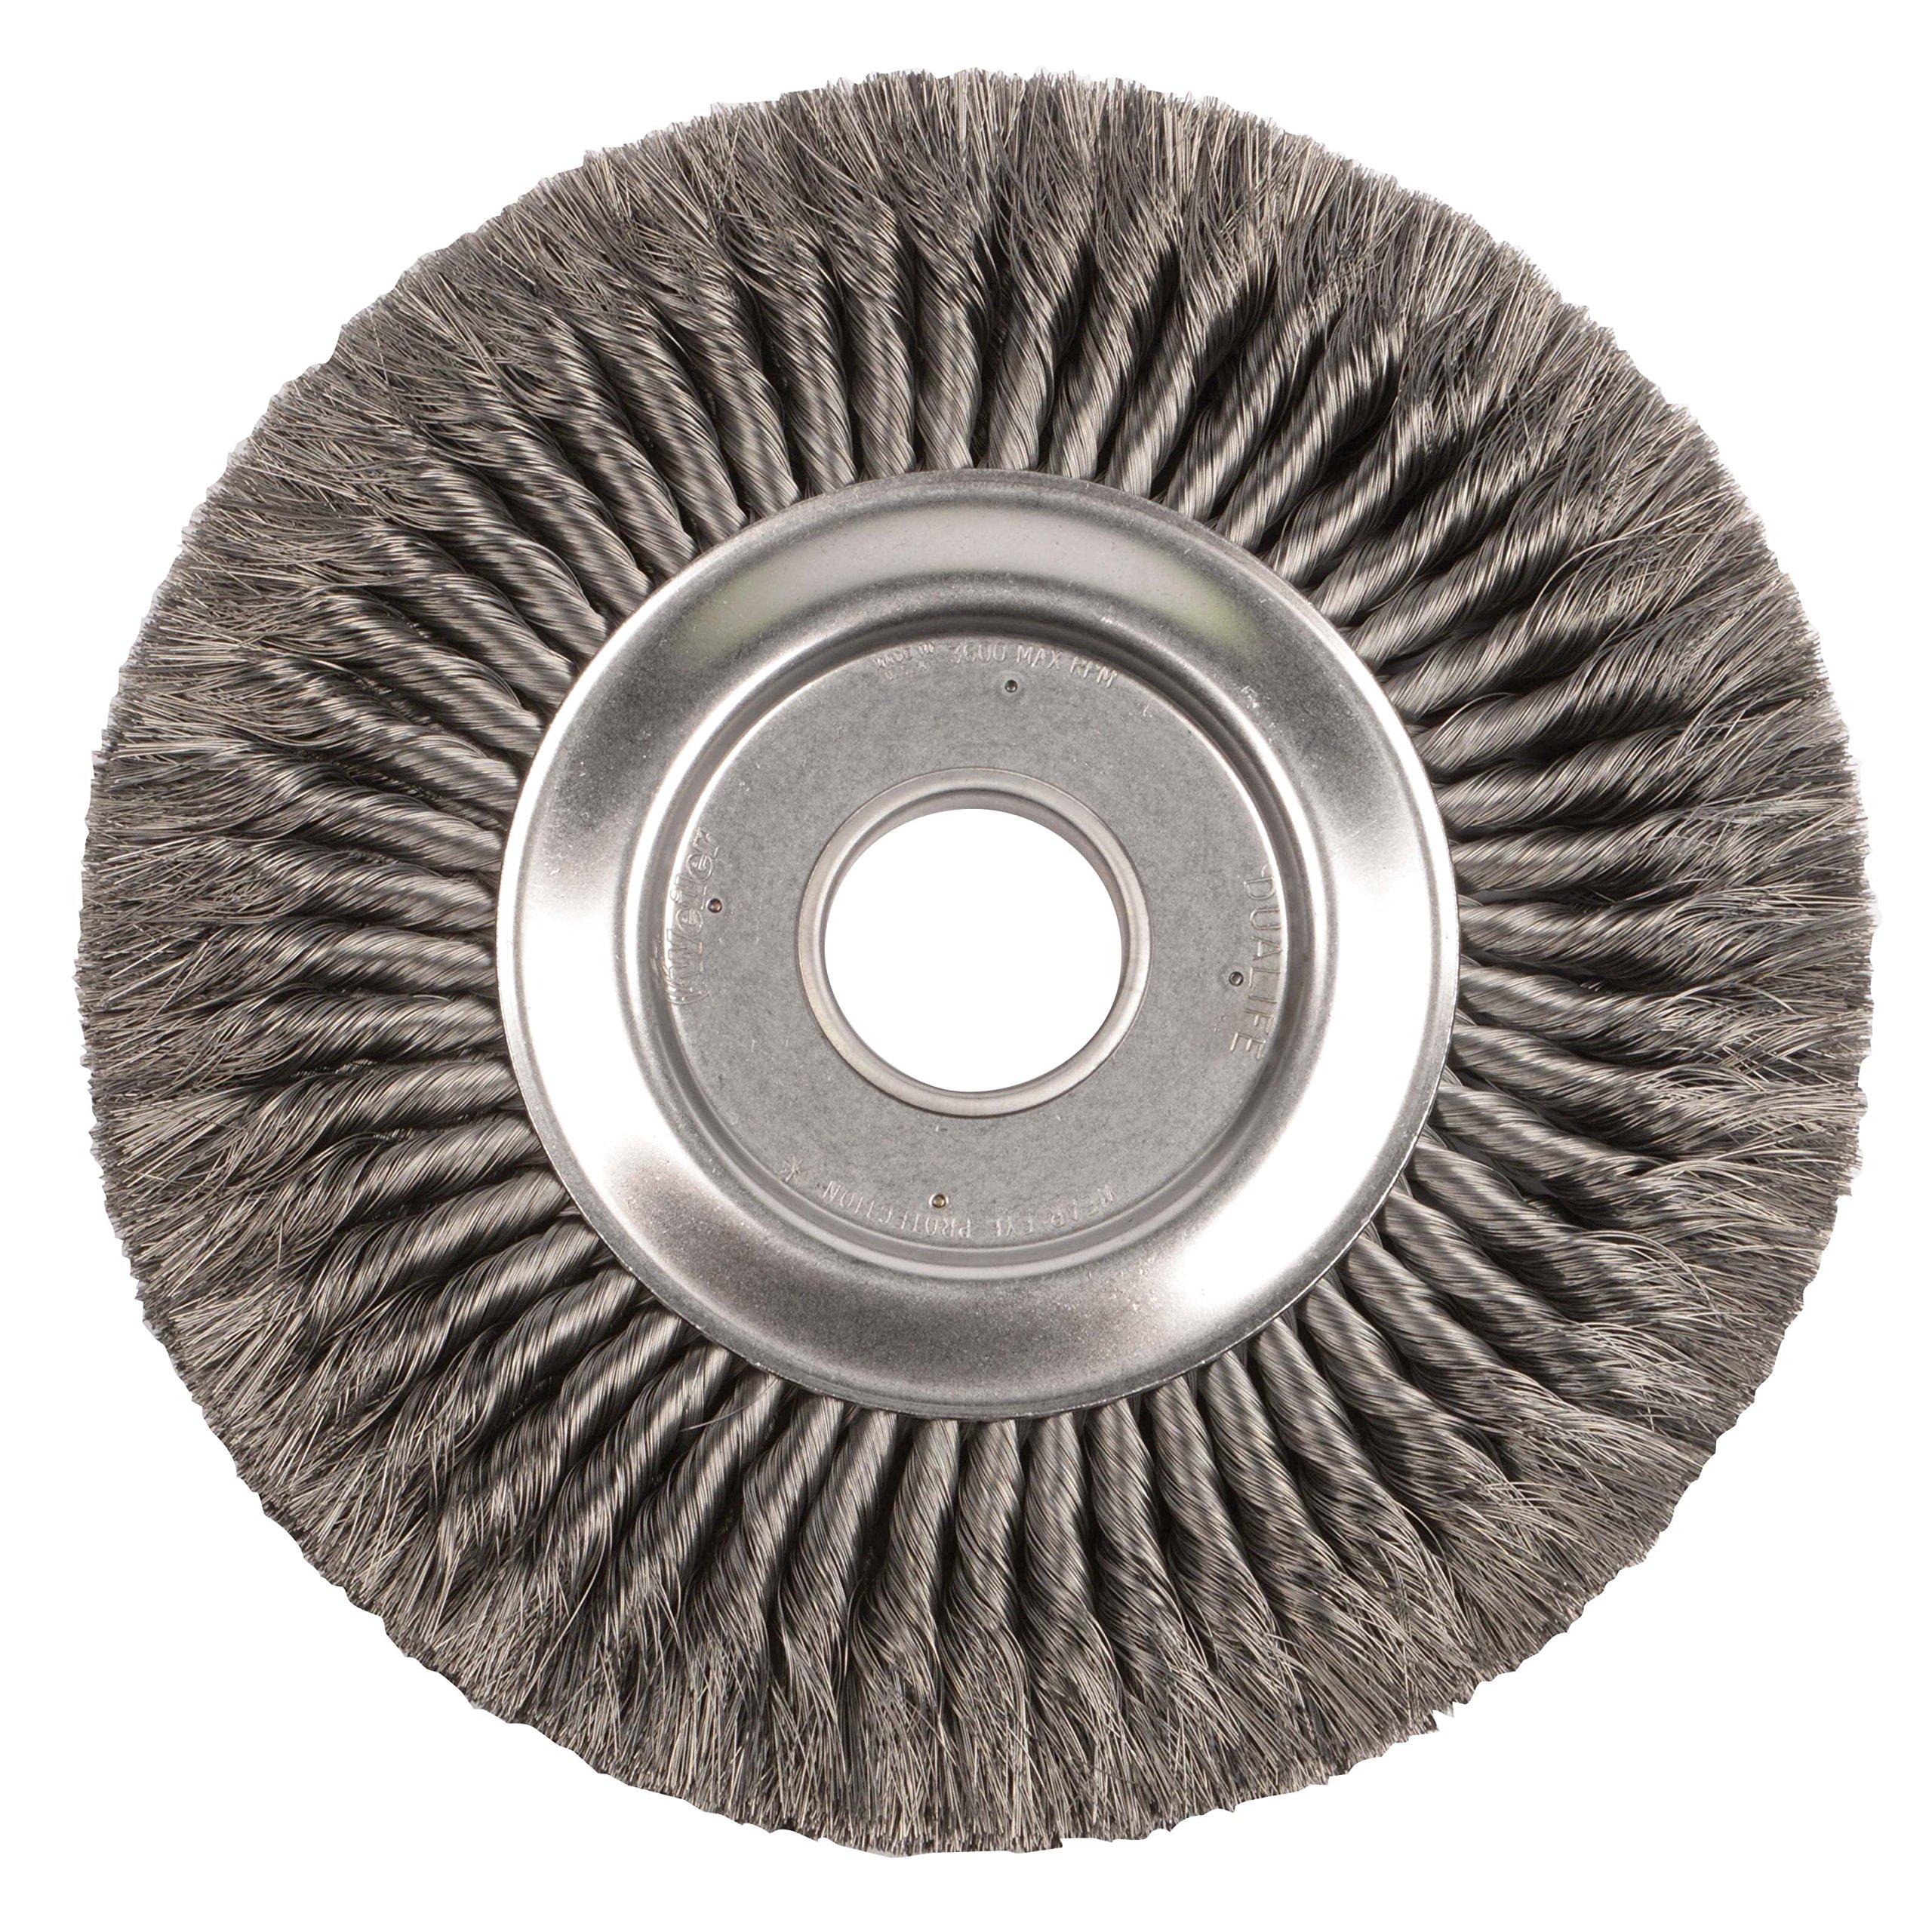 Weiler 9510 12'' Standard Twist Knot Wire Wheel, 0.118'' Steel Fill, 2'' Arbor Hole